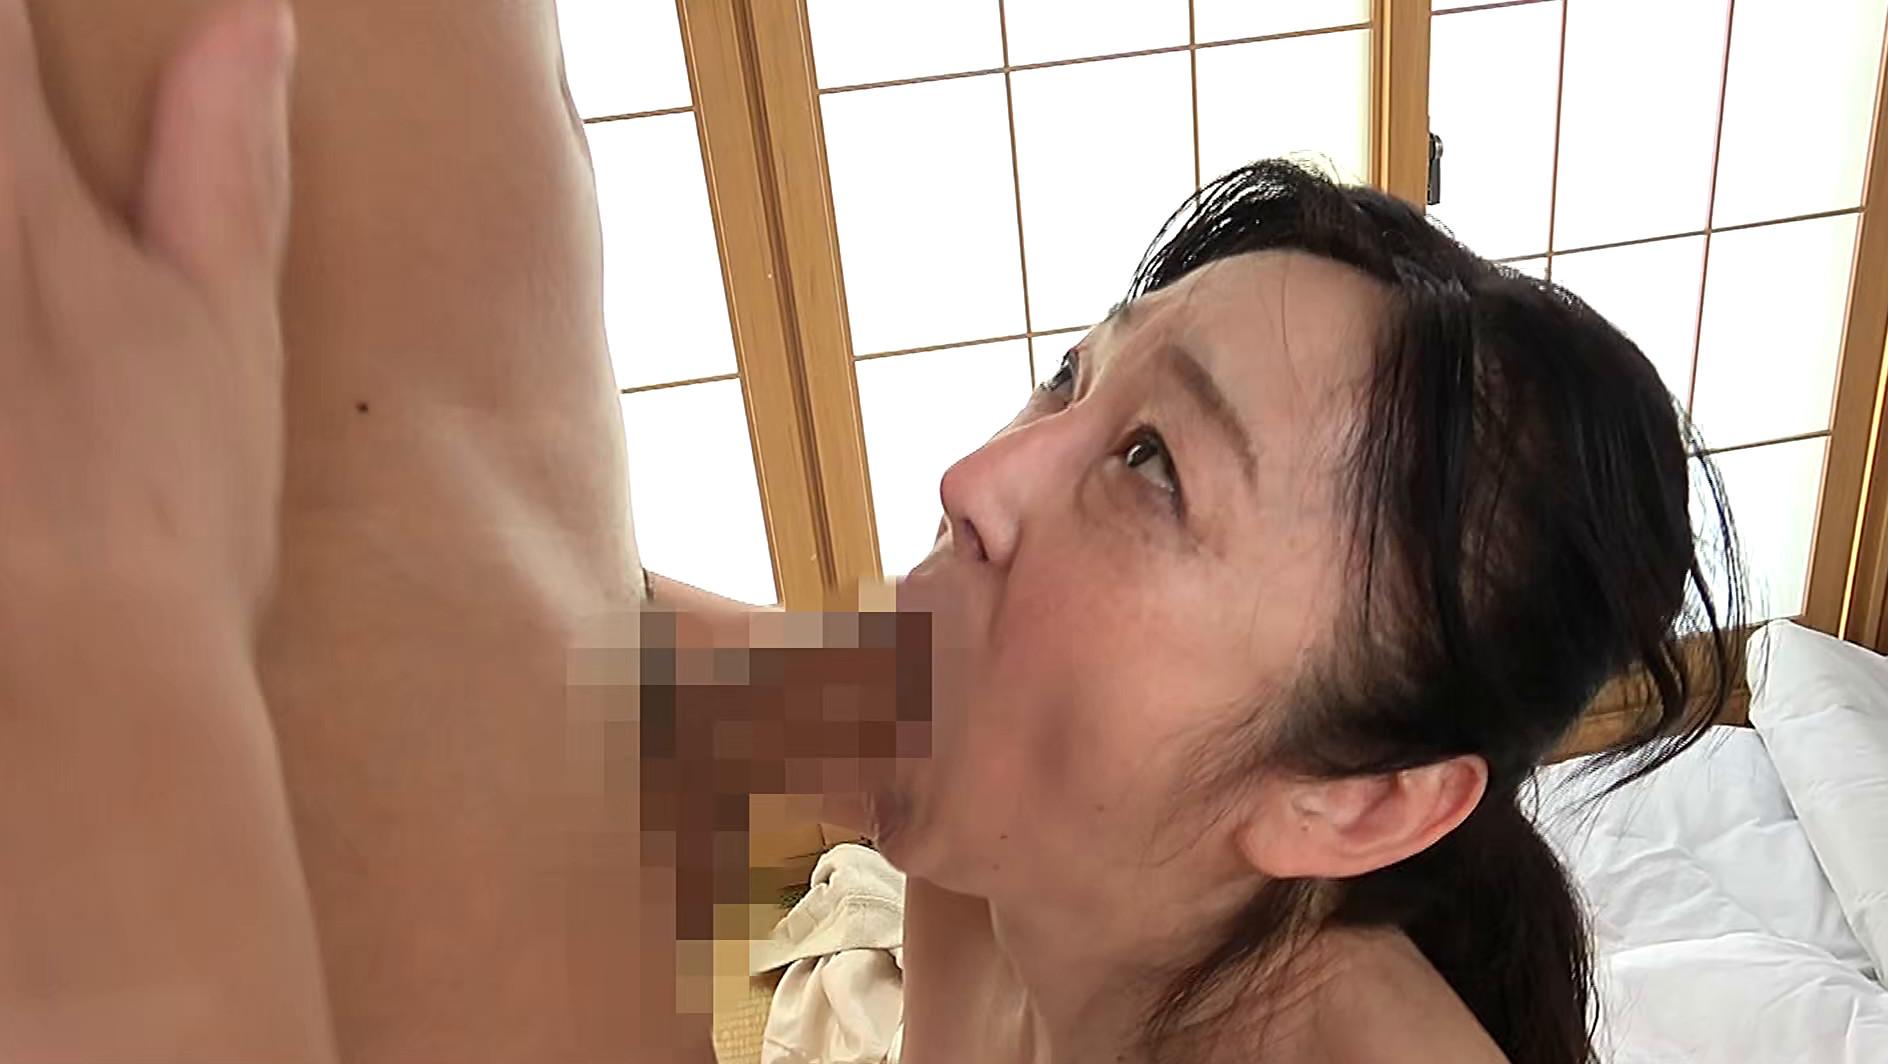 熟女官能ドラマスペシャル アナルで悶え乱れる五十路妻 陰部を視姦されて濡れる人妻 6人4時間 画像21